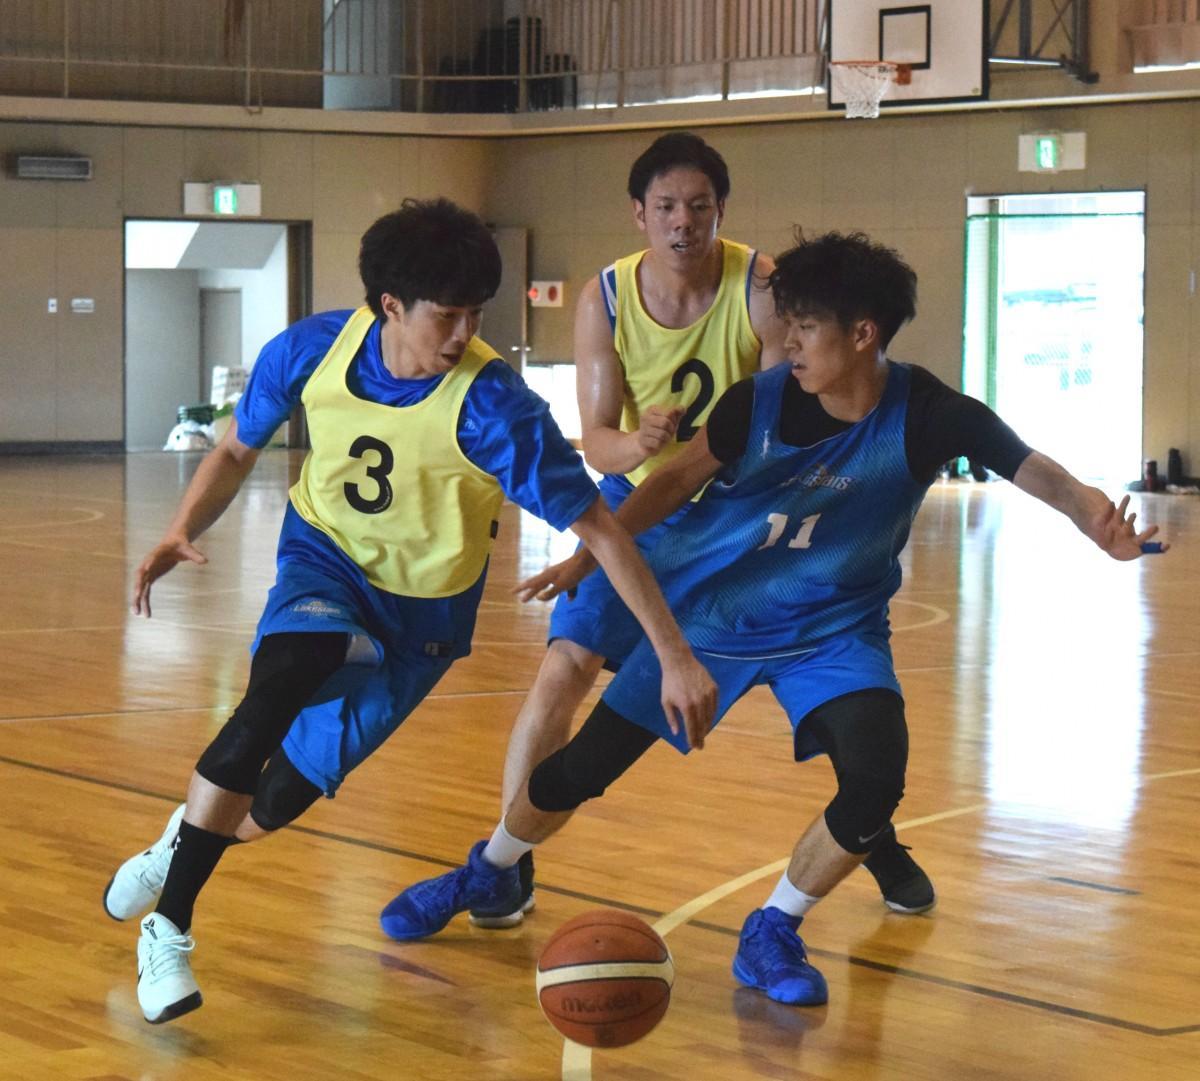 ウィリアム・ジョーンズカップ日本代表に選出された高橋耕陽選手、佐藤卓磨選手